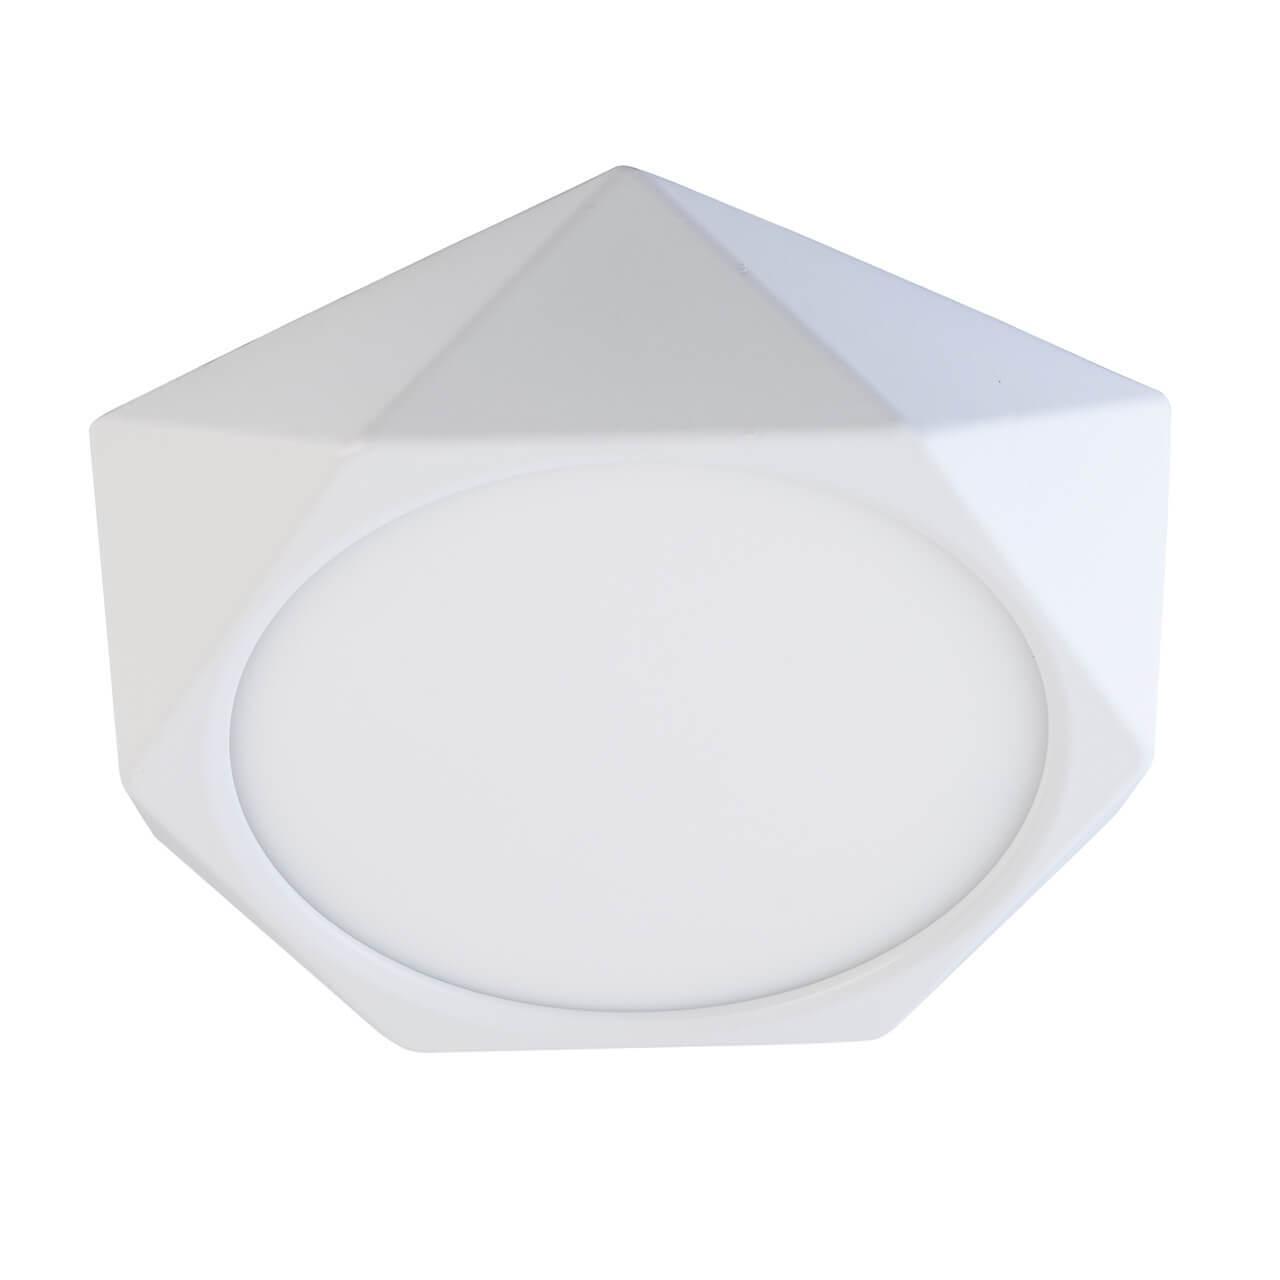 Потолочный светодиодный светильник De Markt Стаут 4 702011101